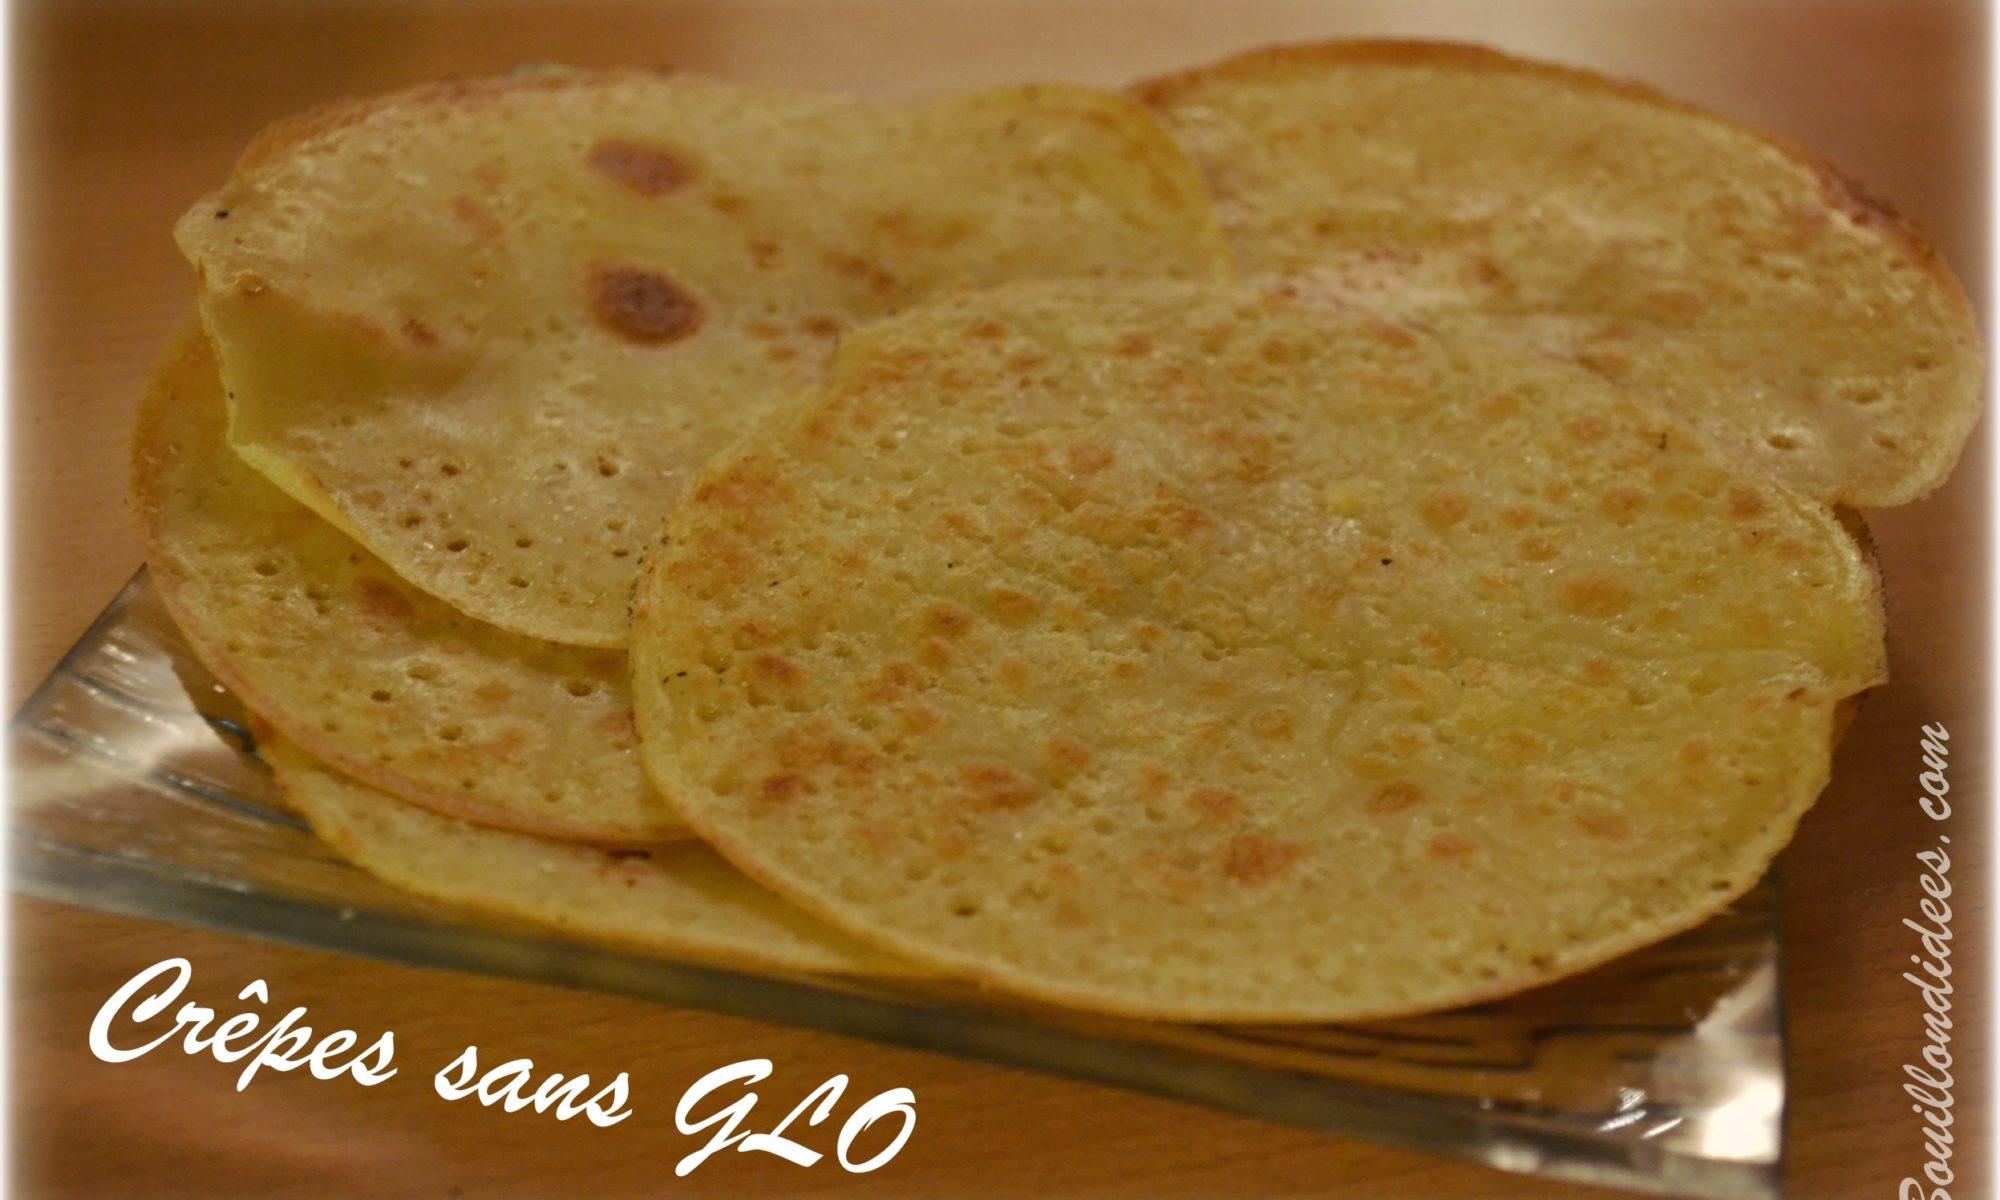 Crepes sans GLO (gluten, lait, lactose, oeuf)